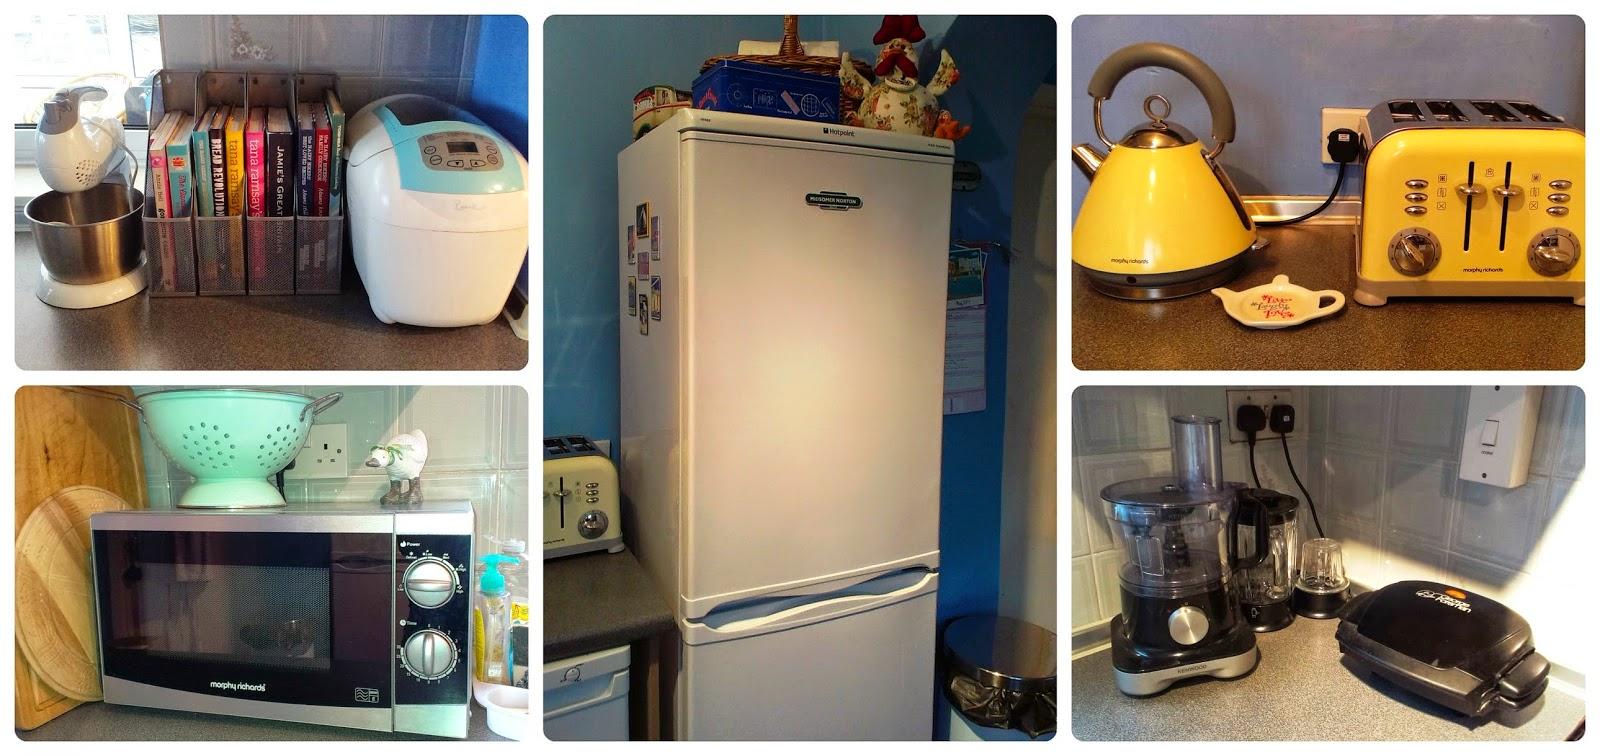 21st century kitchen gadgets